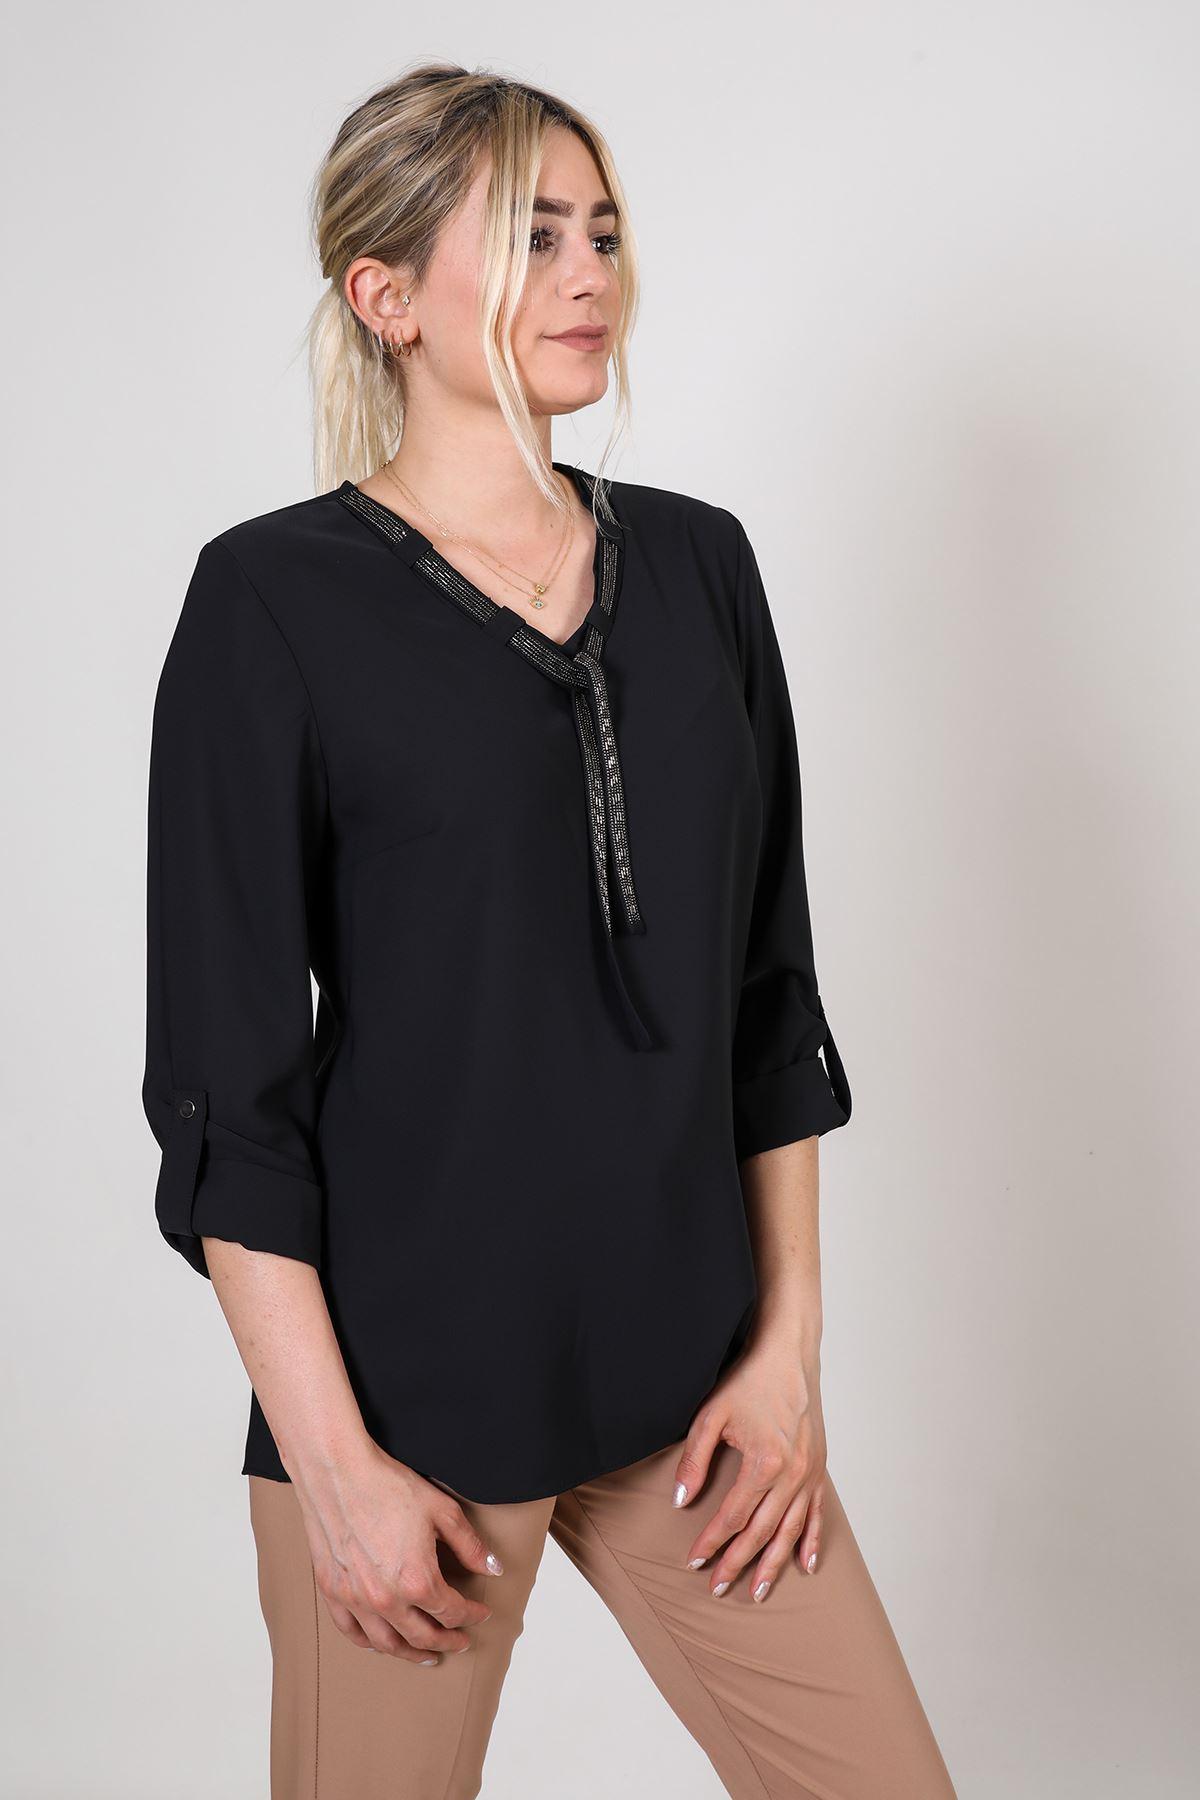 Zincir Kravatlı Kadın Bluz